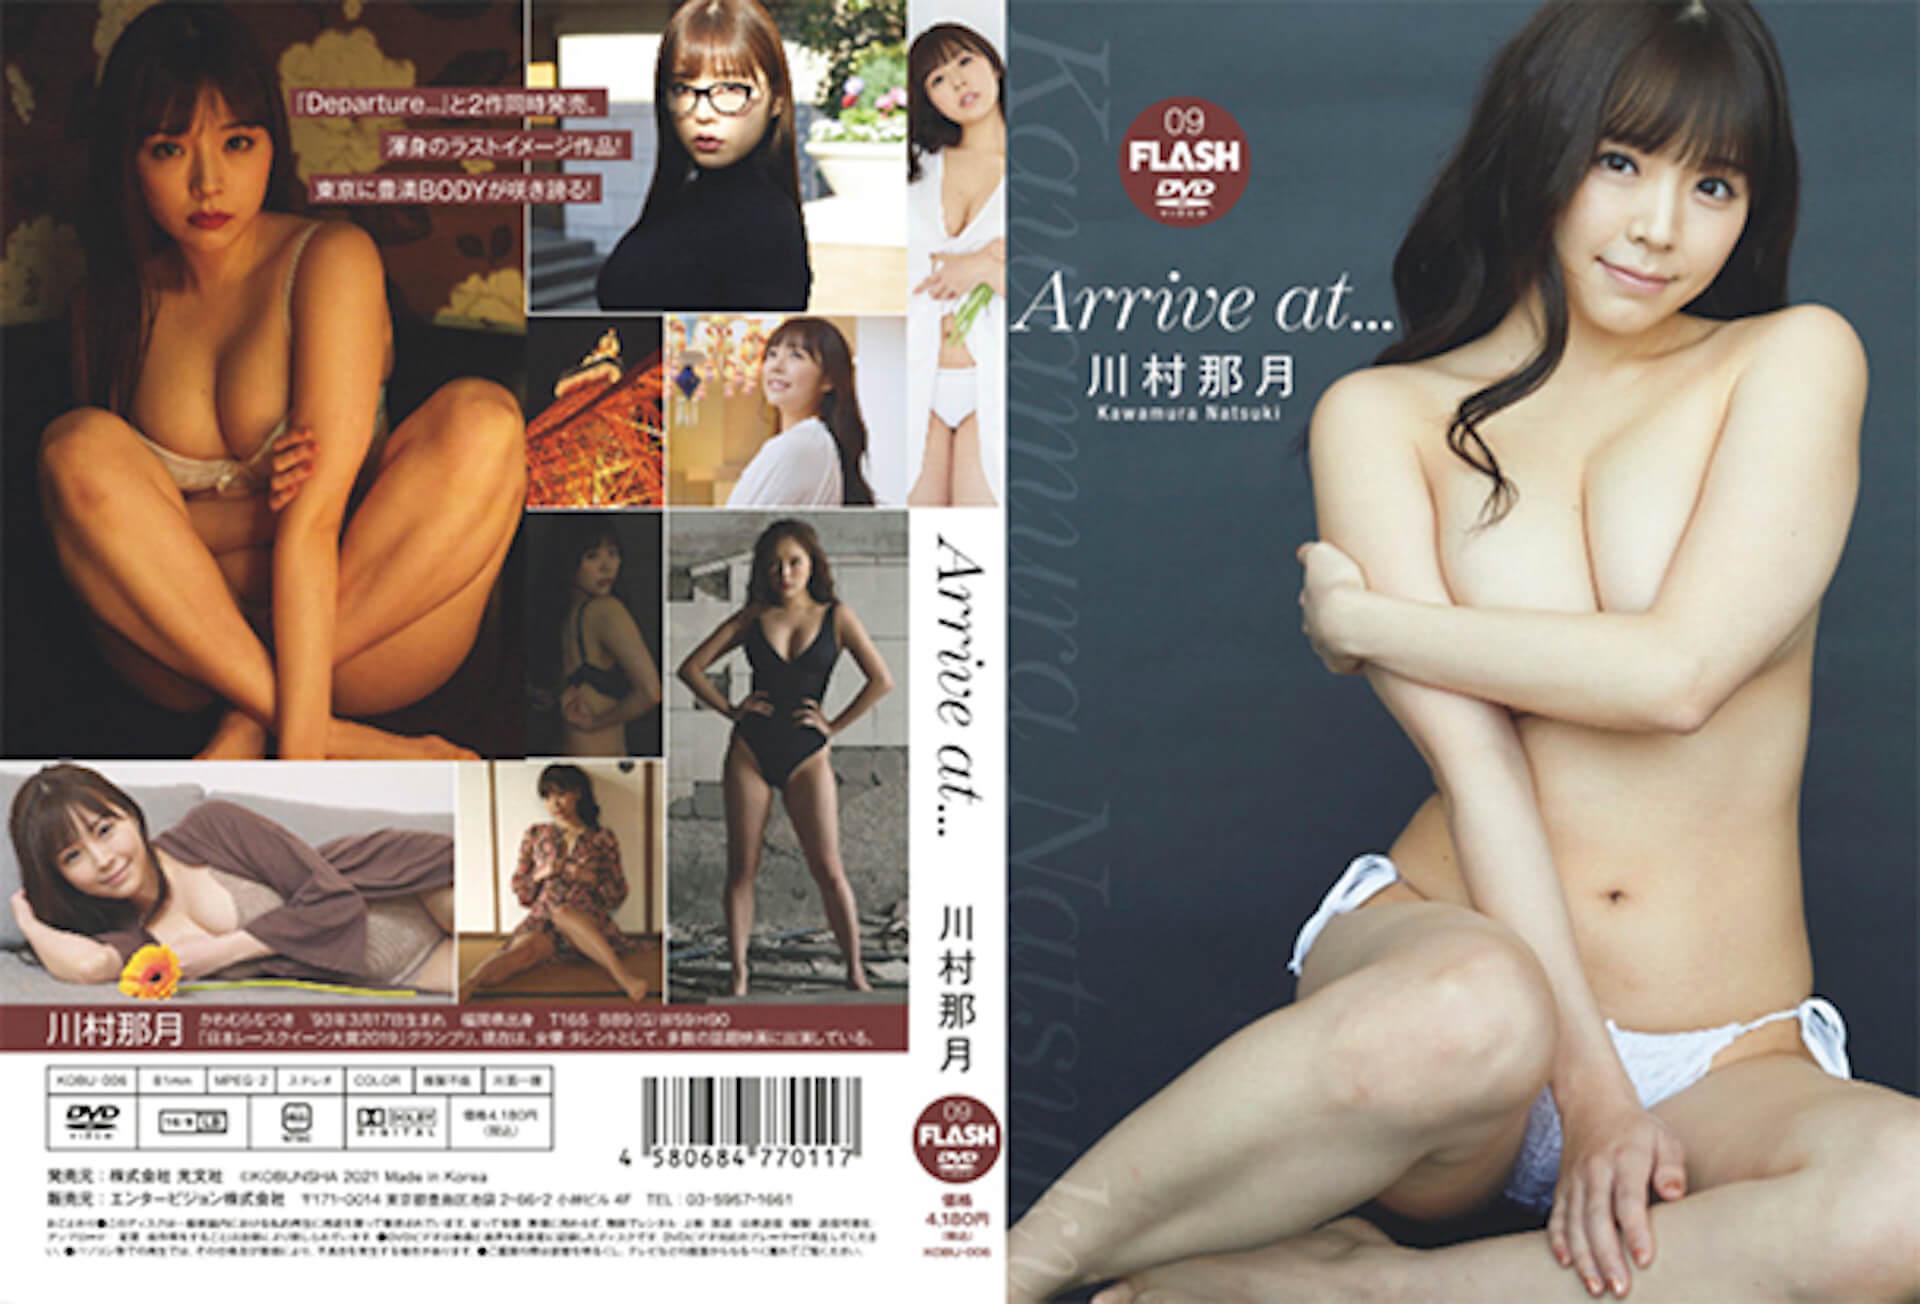 川村那月のラストグラマラスボディを堪能できるイメージDVD&Blu-ray2作品が今週発売! art210602_kawamuranatsuki_2